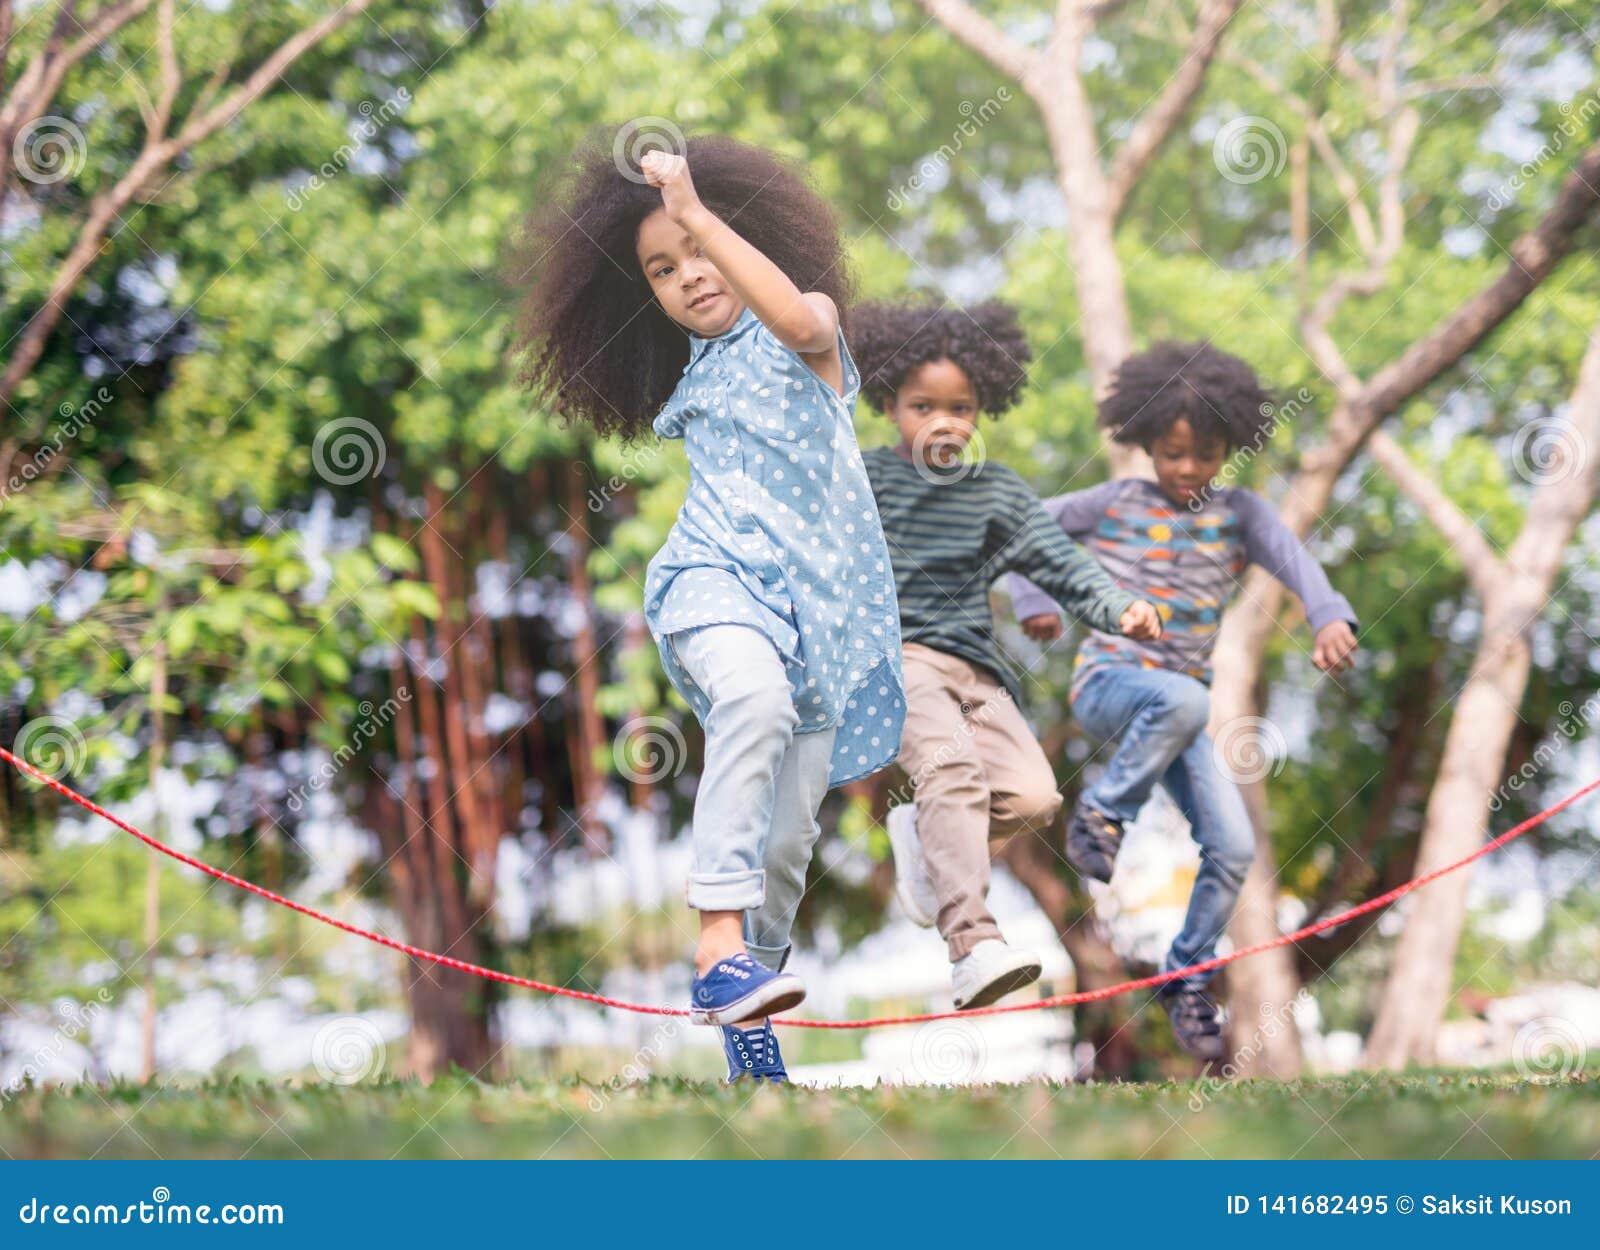 Crianças que jogam o salto sobre a corda no parque no dia de verão ensolarado